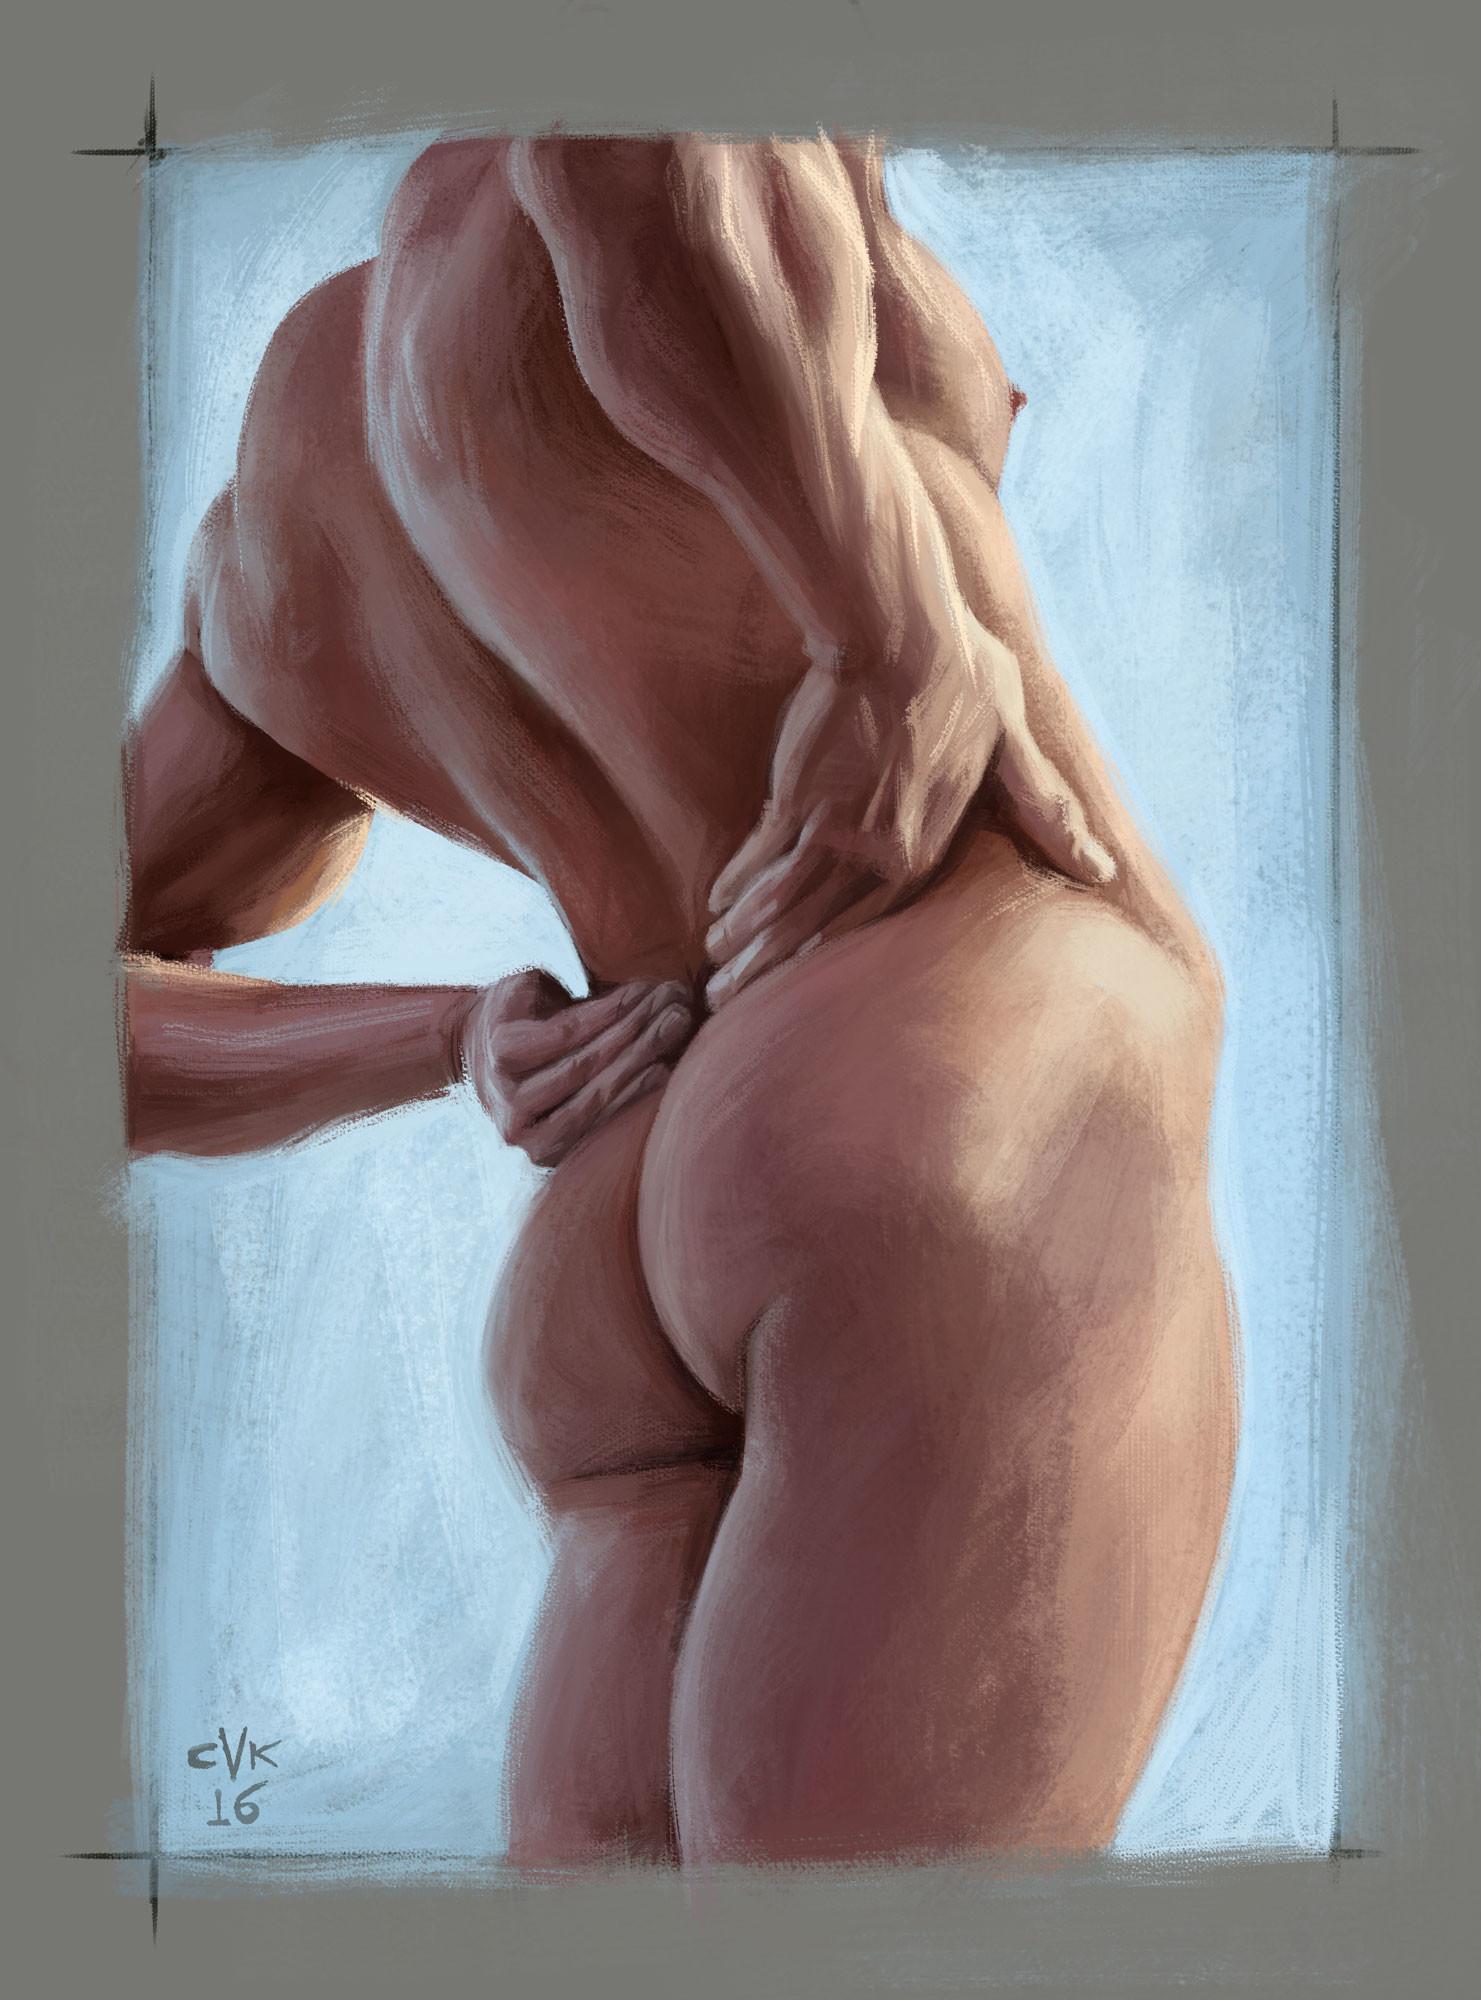 Carlos villarreal kwasek carlos villarreal kwasek male torso 01